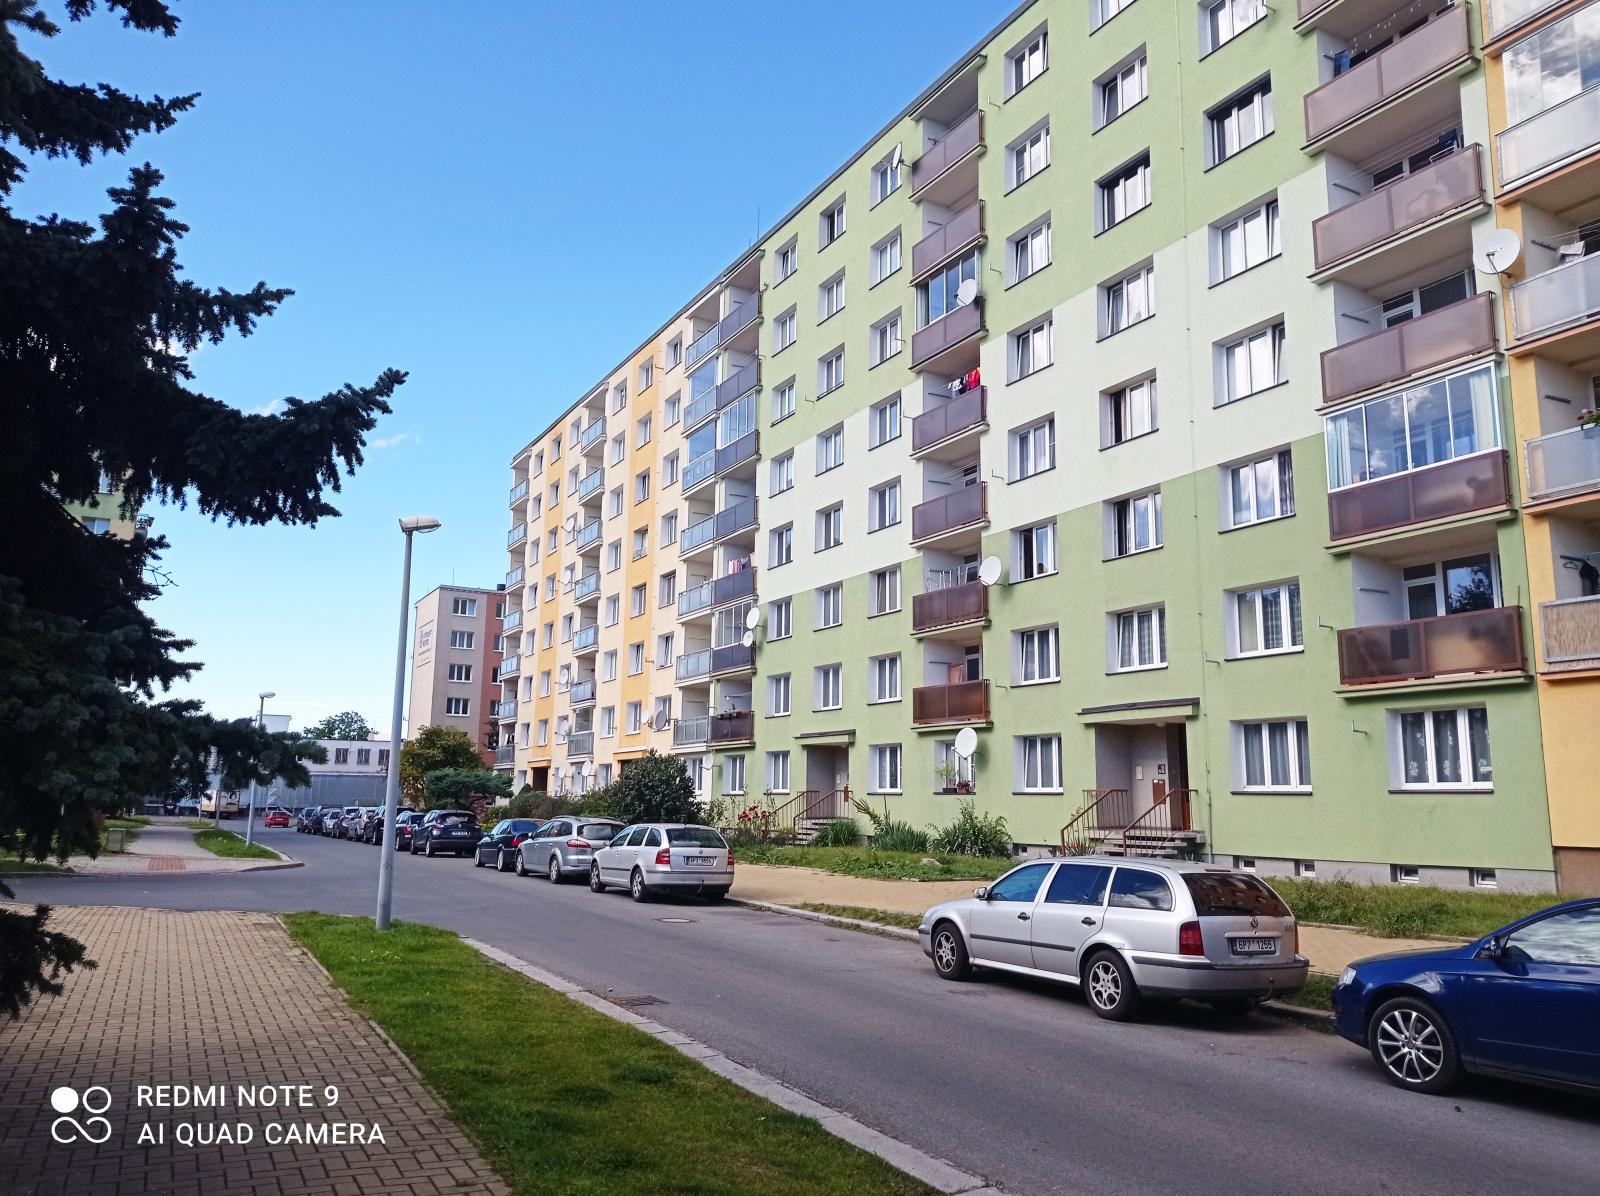 Prodej, byt 1+1, ul. Adelova, Plzeň - město